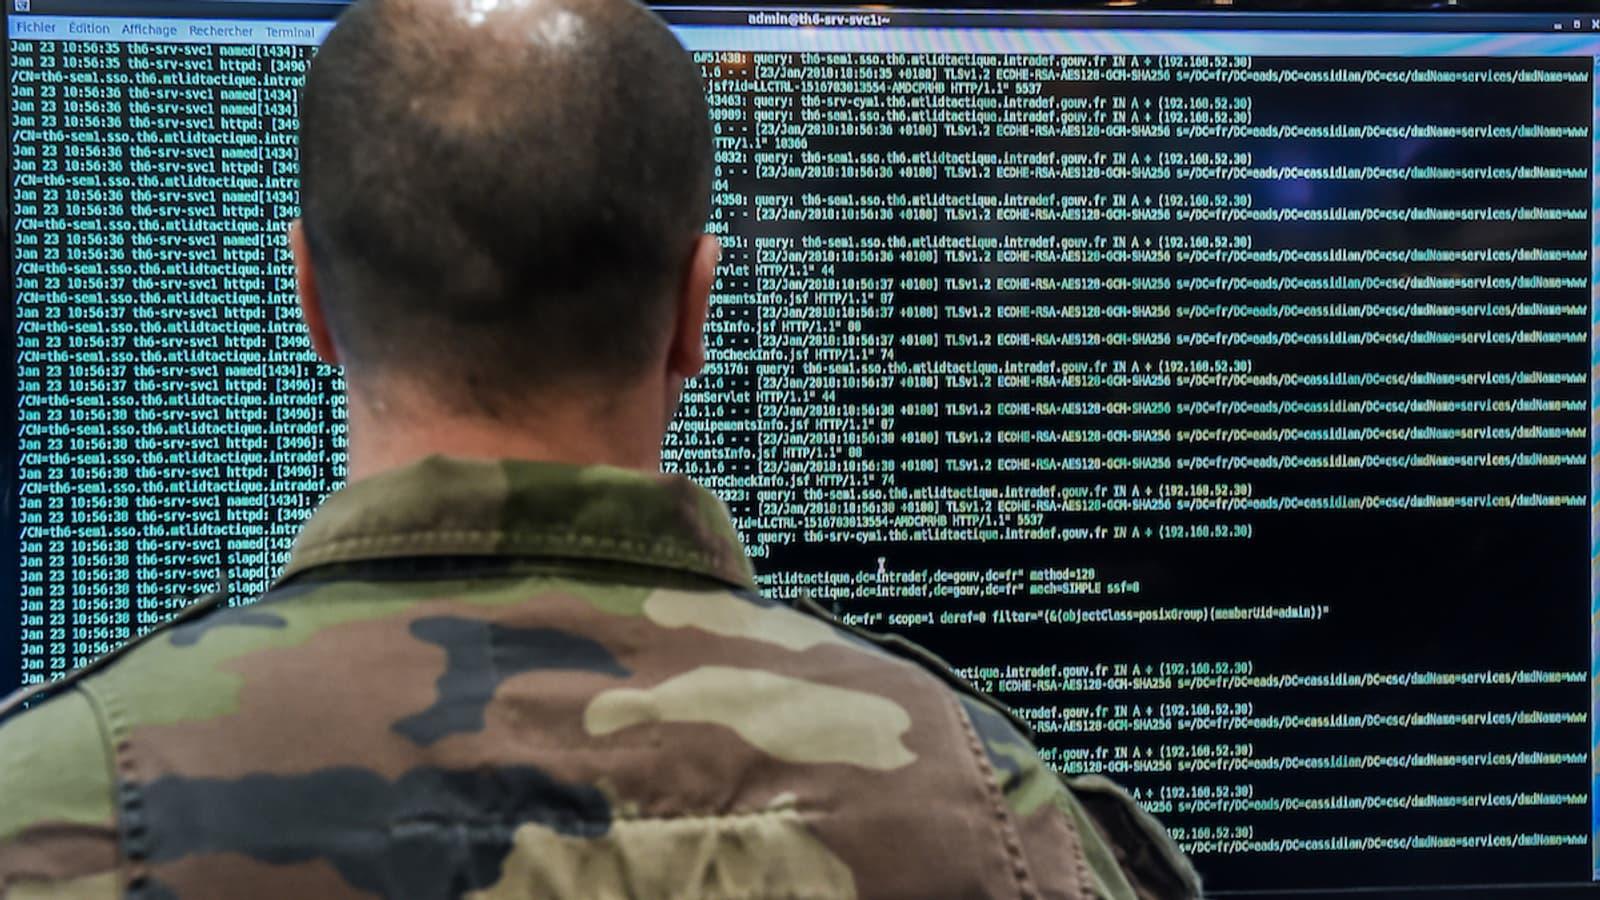 La cyberdéfense devrait créer 1800 emplois à Rennes d'ici à 2025